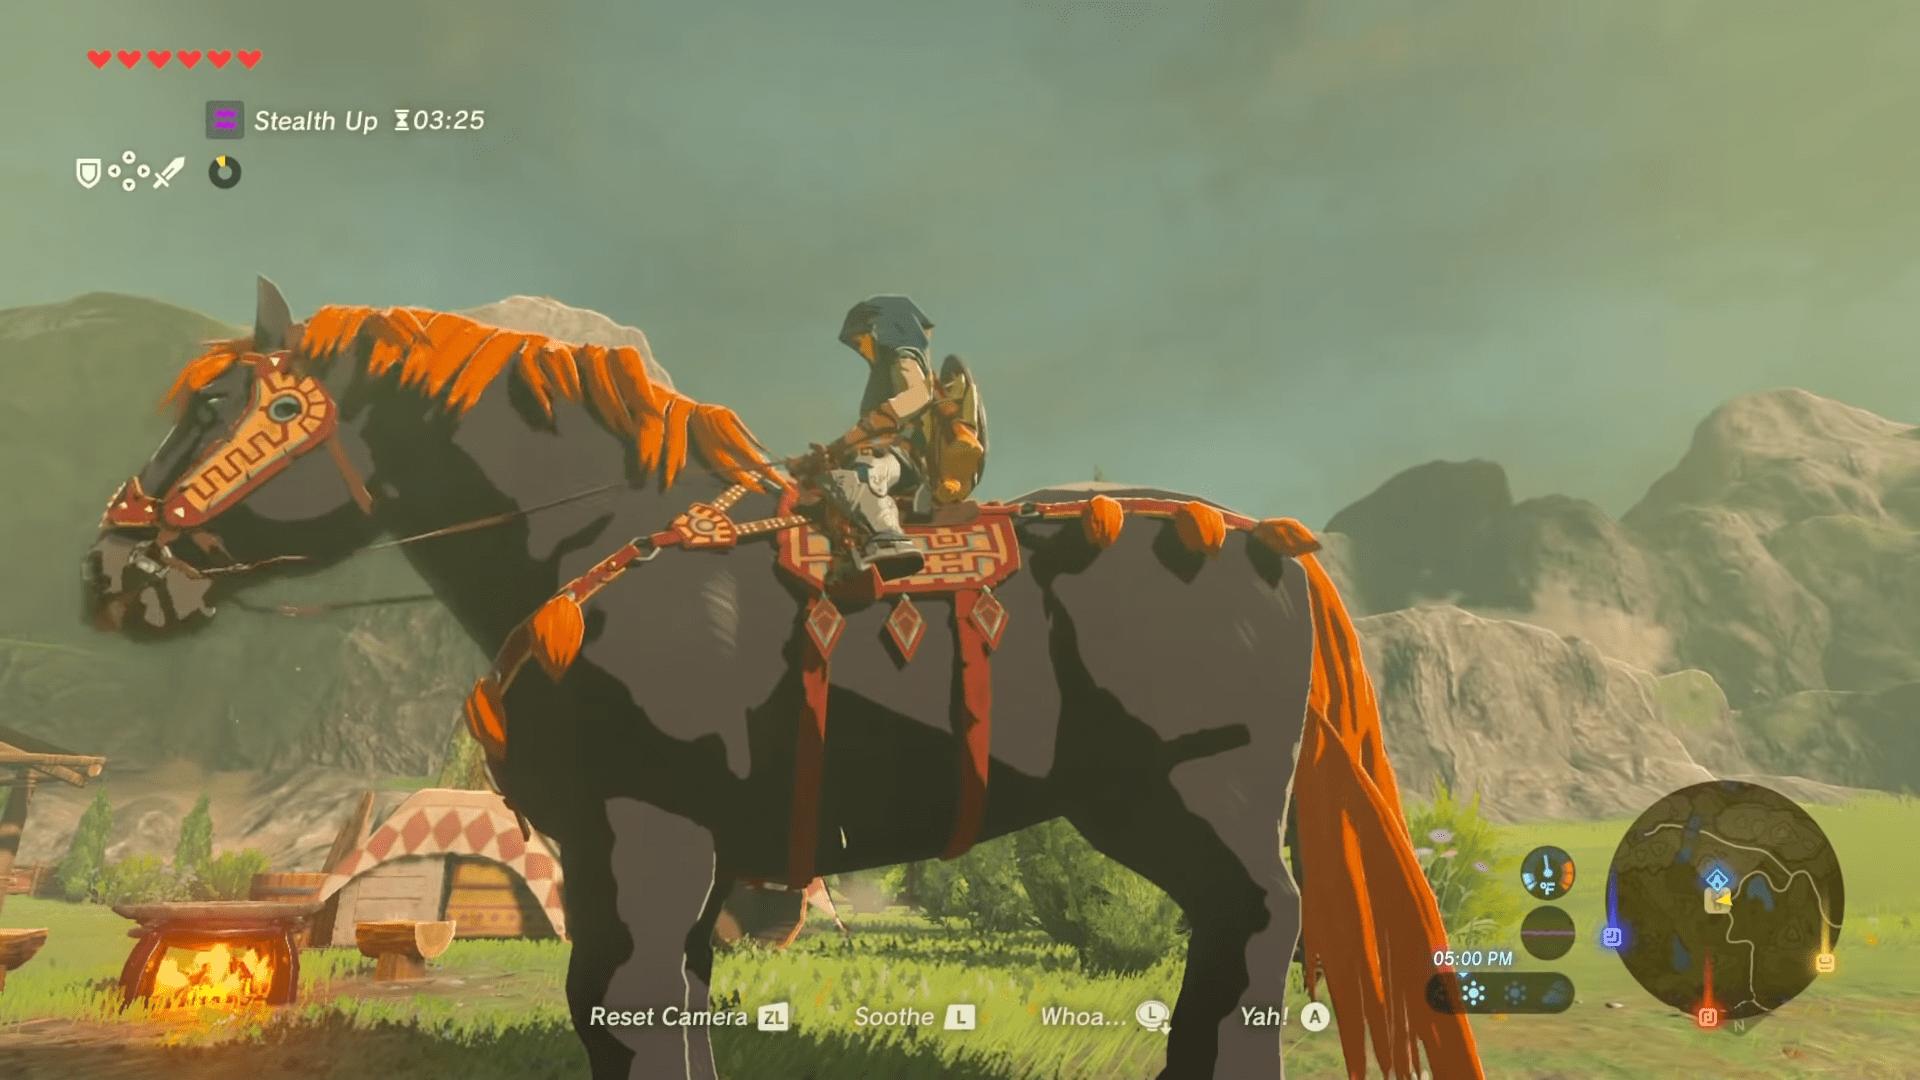 How To Get Ganondorf's Giant Horse In The Legend Of Zelda: Breath Of The Wild